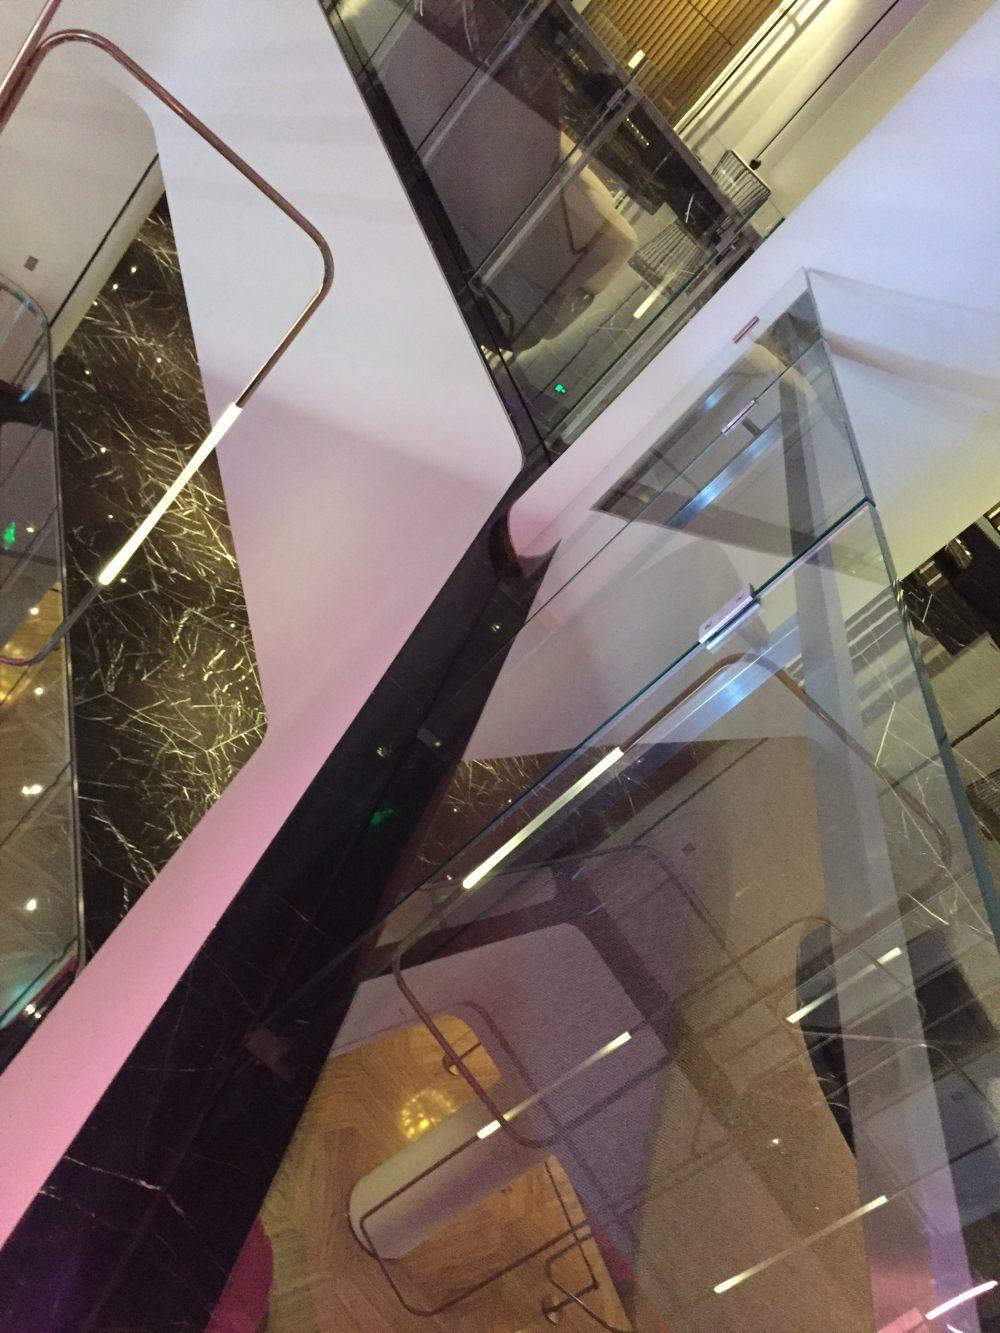 上海外滩W酒店,史上最全入住体验 自拍分享,申请置...._IMG_6129.JPG